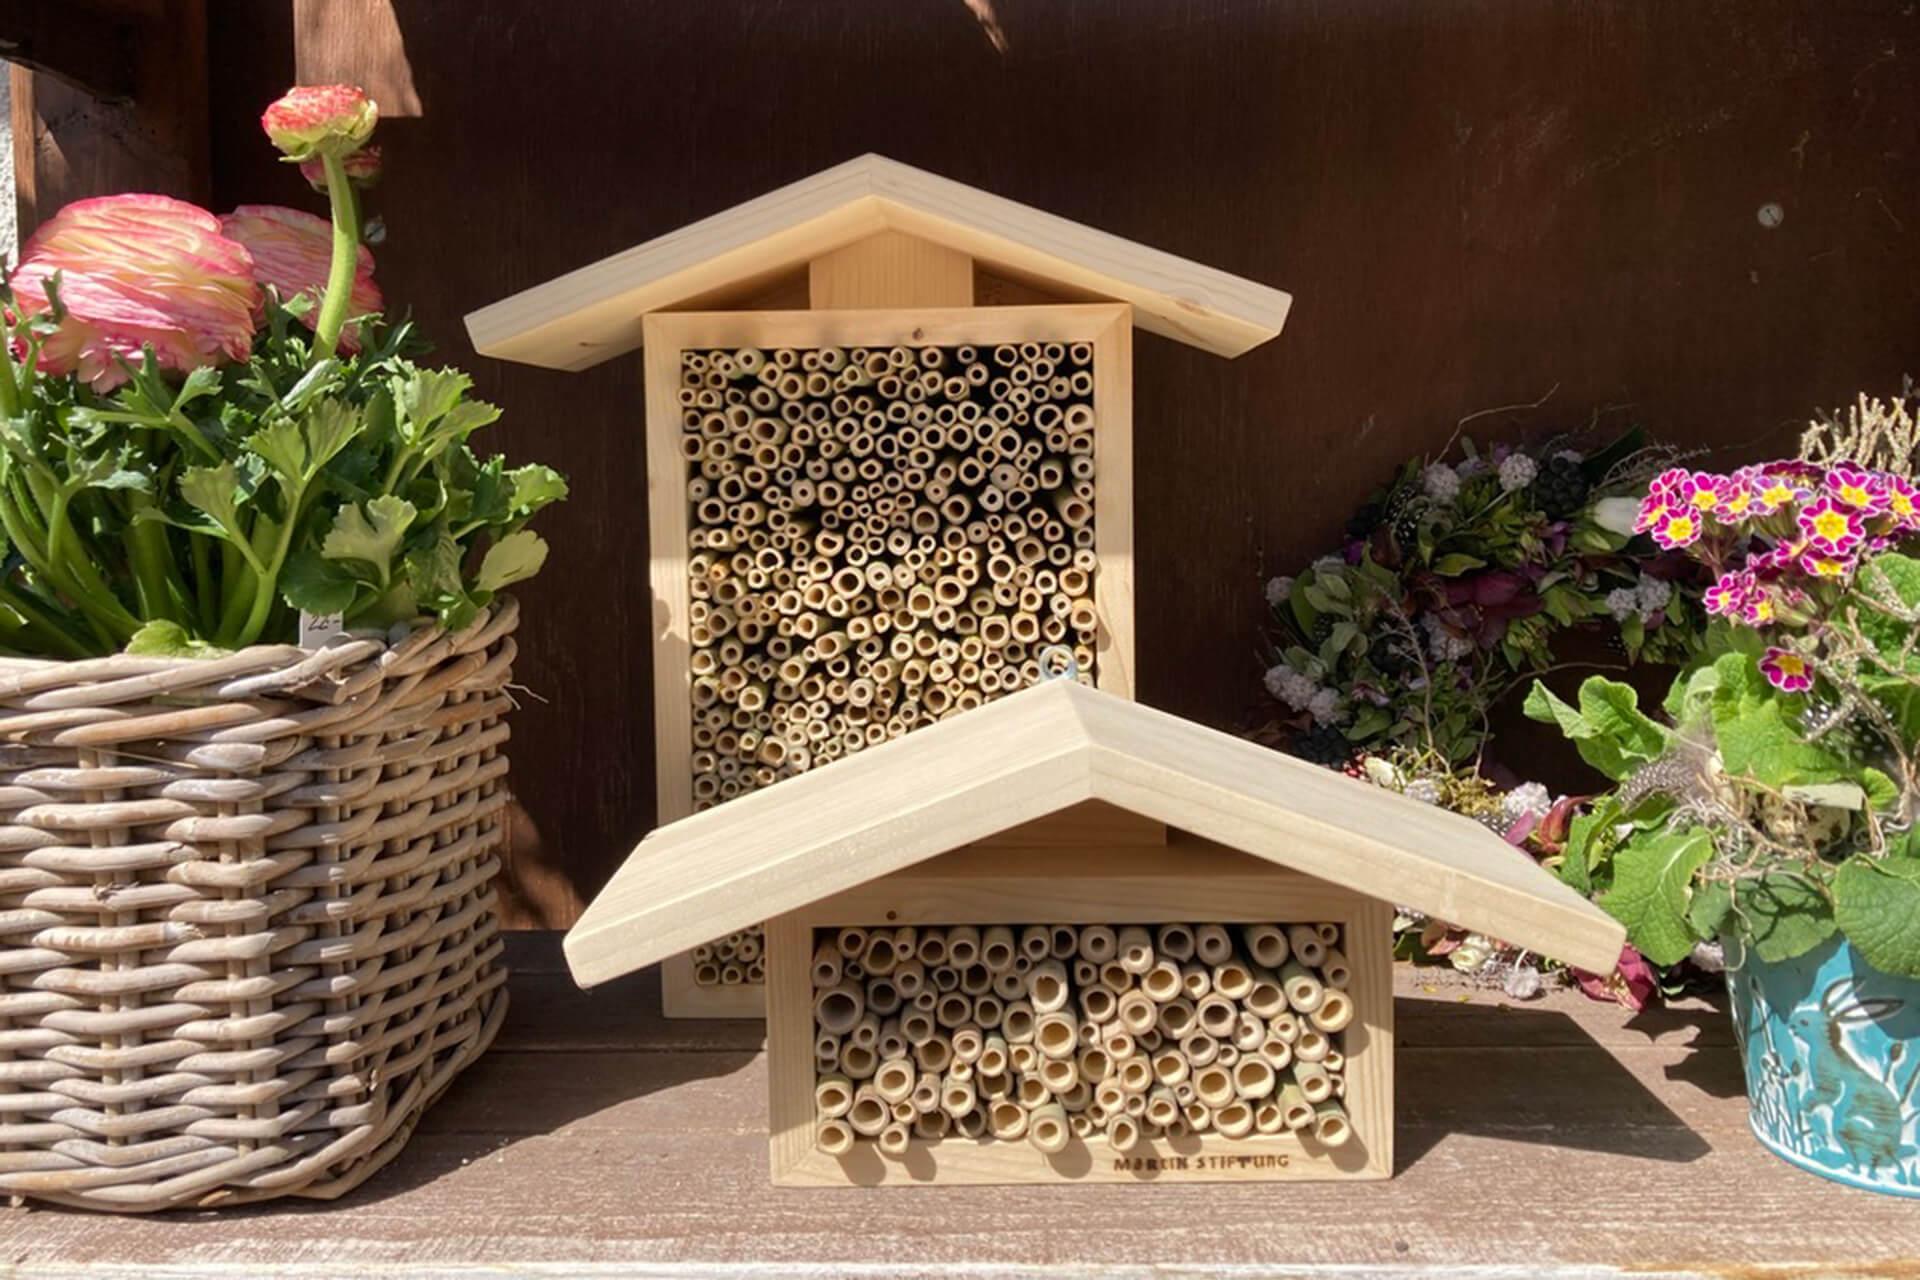 Fertige Bienenhotels im Grünen Martin - dort gibt es auch die Lieblingsblumen der Bienen.